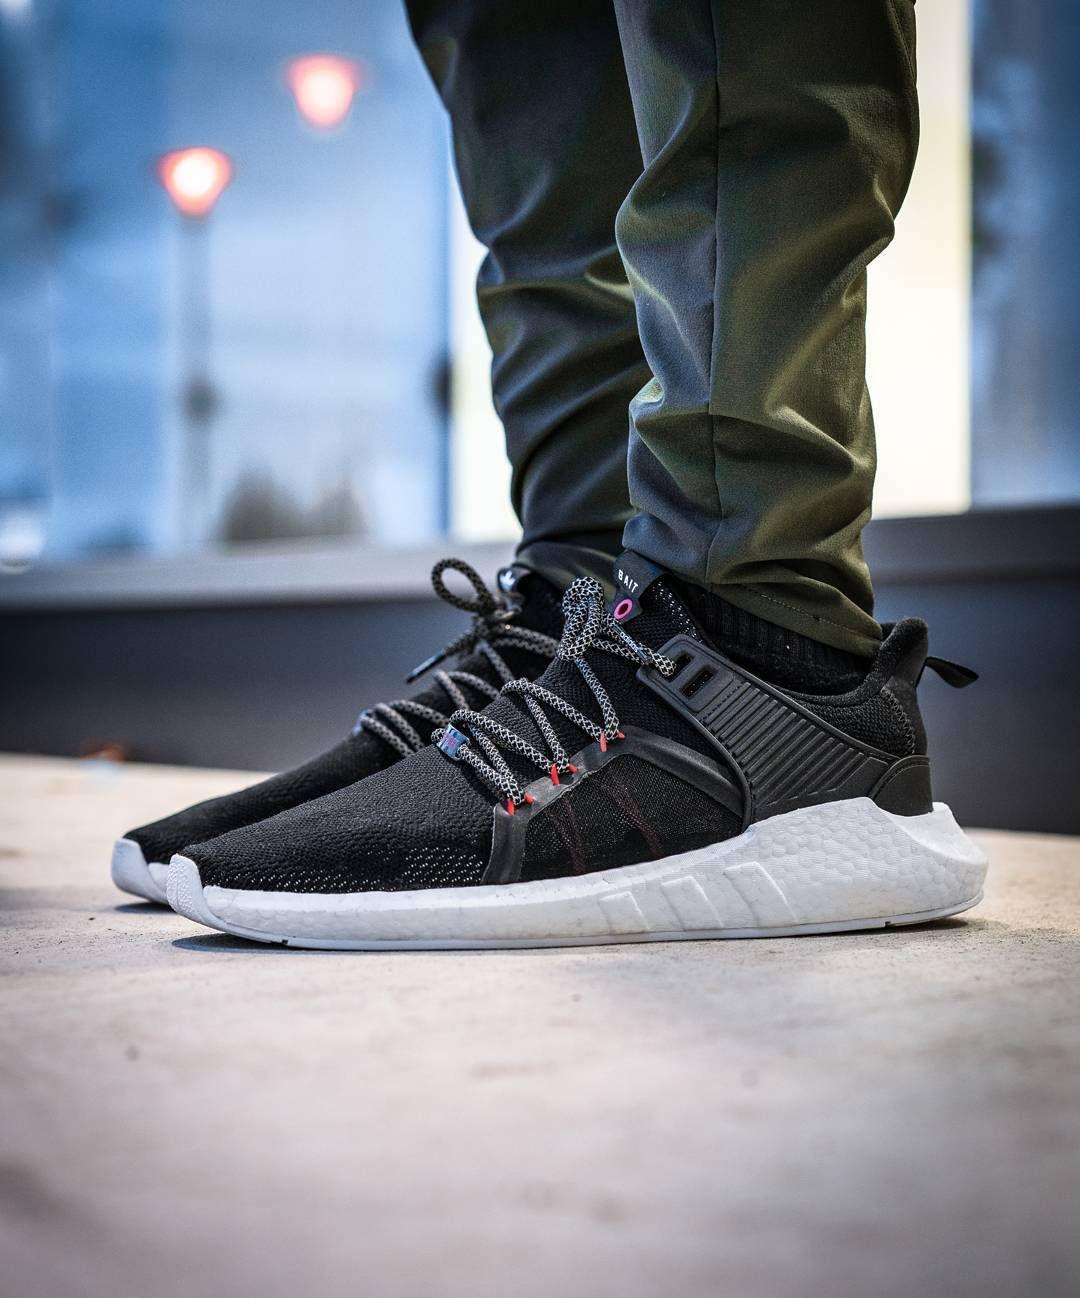 best service c2a27 e5de4 BAIT x adidas EQT Support Future Sneakers Adidas, Bait, Scarpe Casual, Air  Jordans